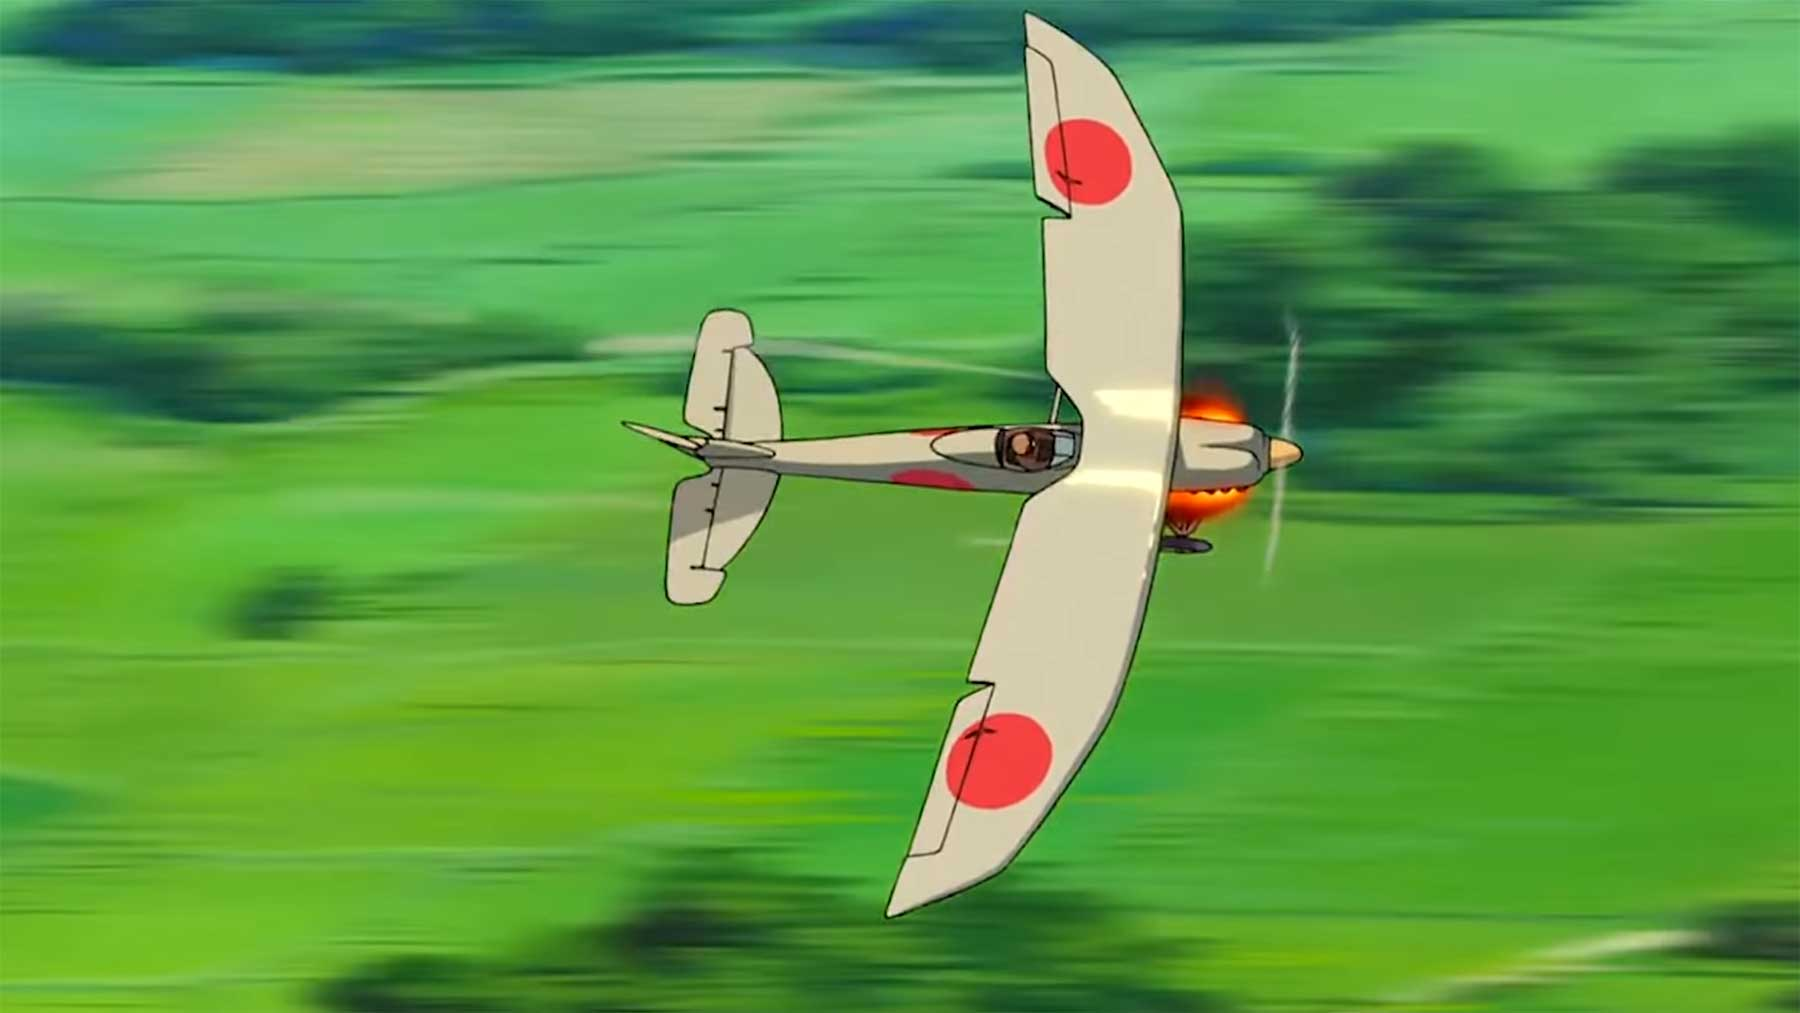 Die animierten Flugzeuge von Anime-Regisseur Hayao Miyazaki